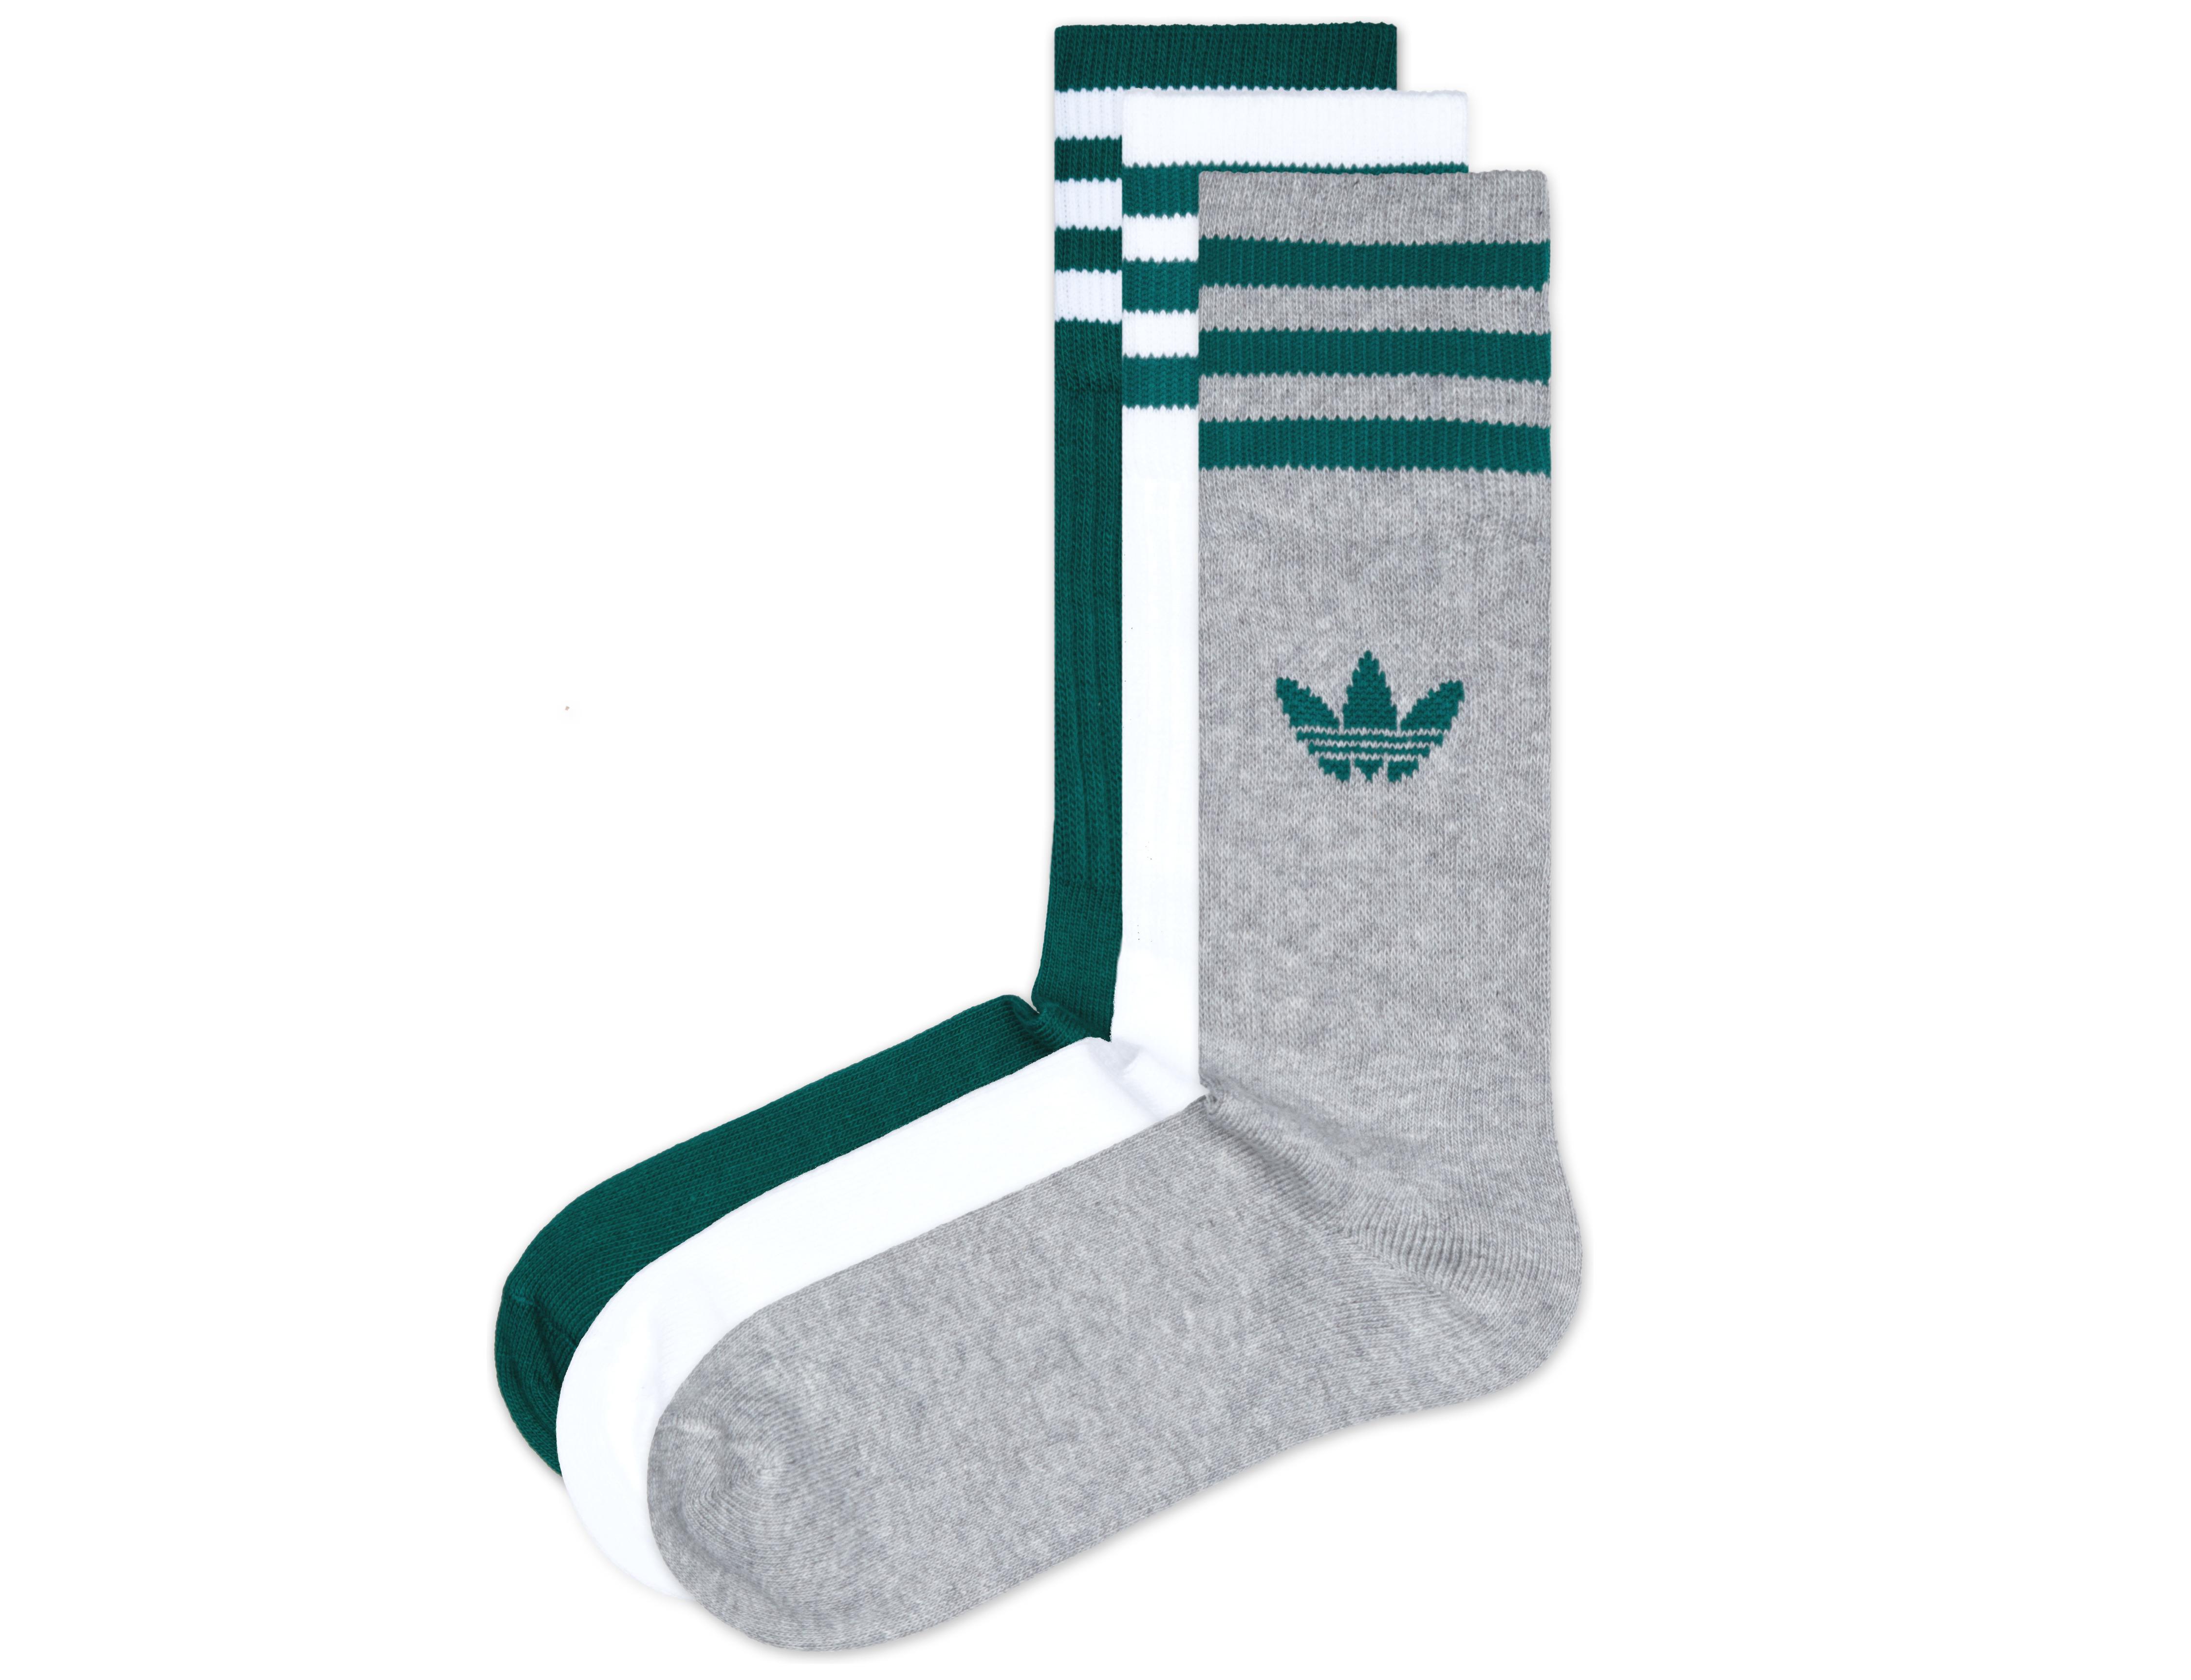 adidas Originals Solid Crew Ponožky 3 páry Zelená Bílá Šedá - Glami.cz 572c978319